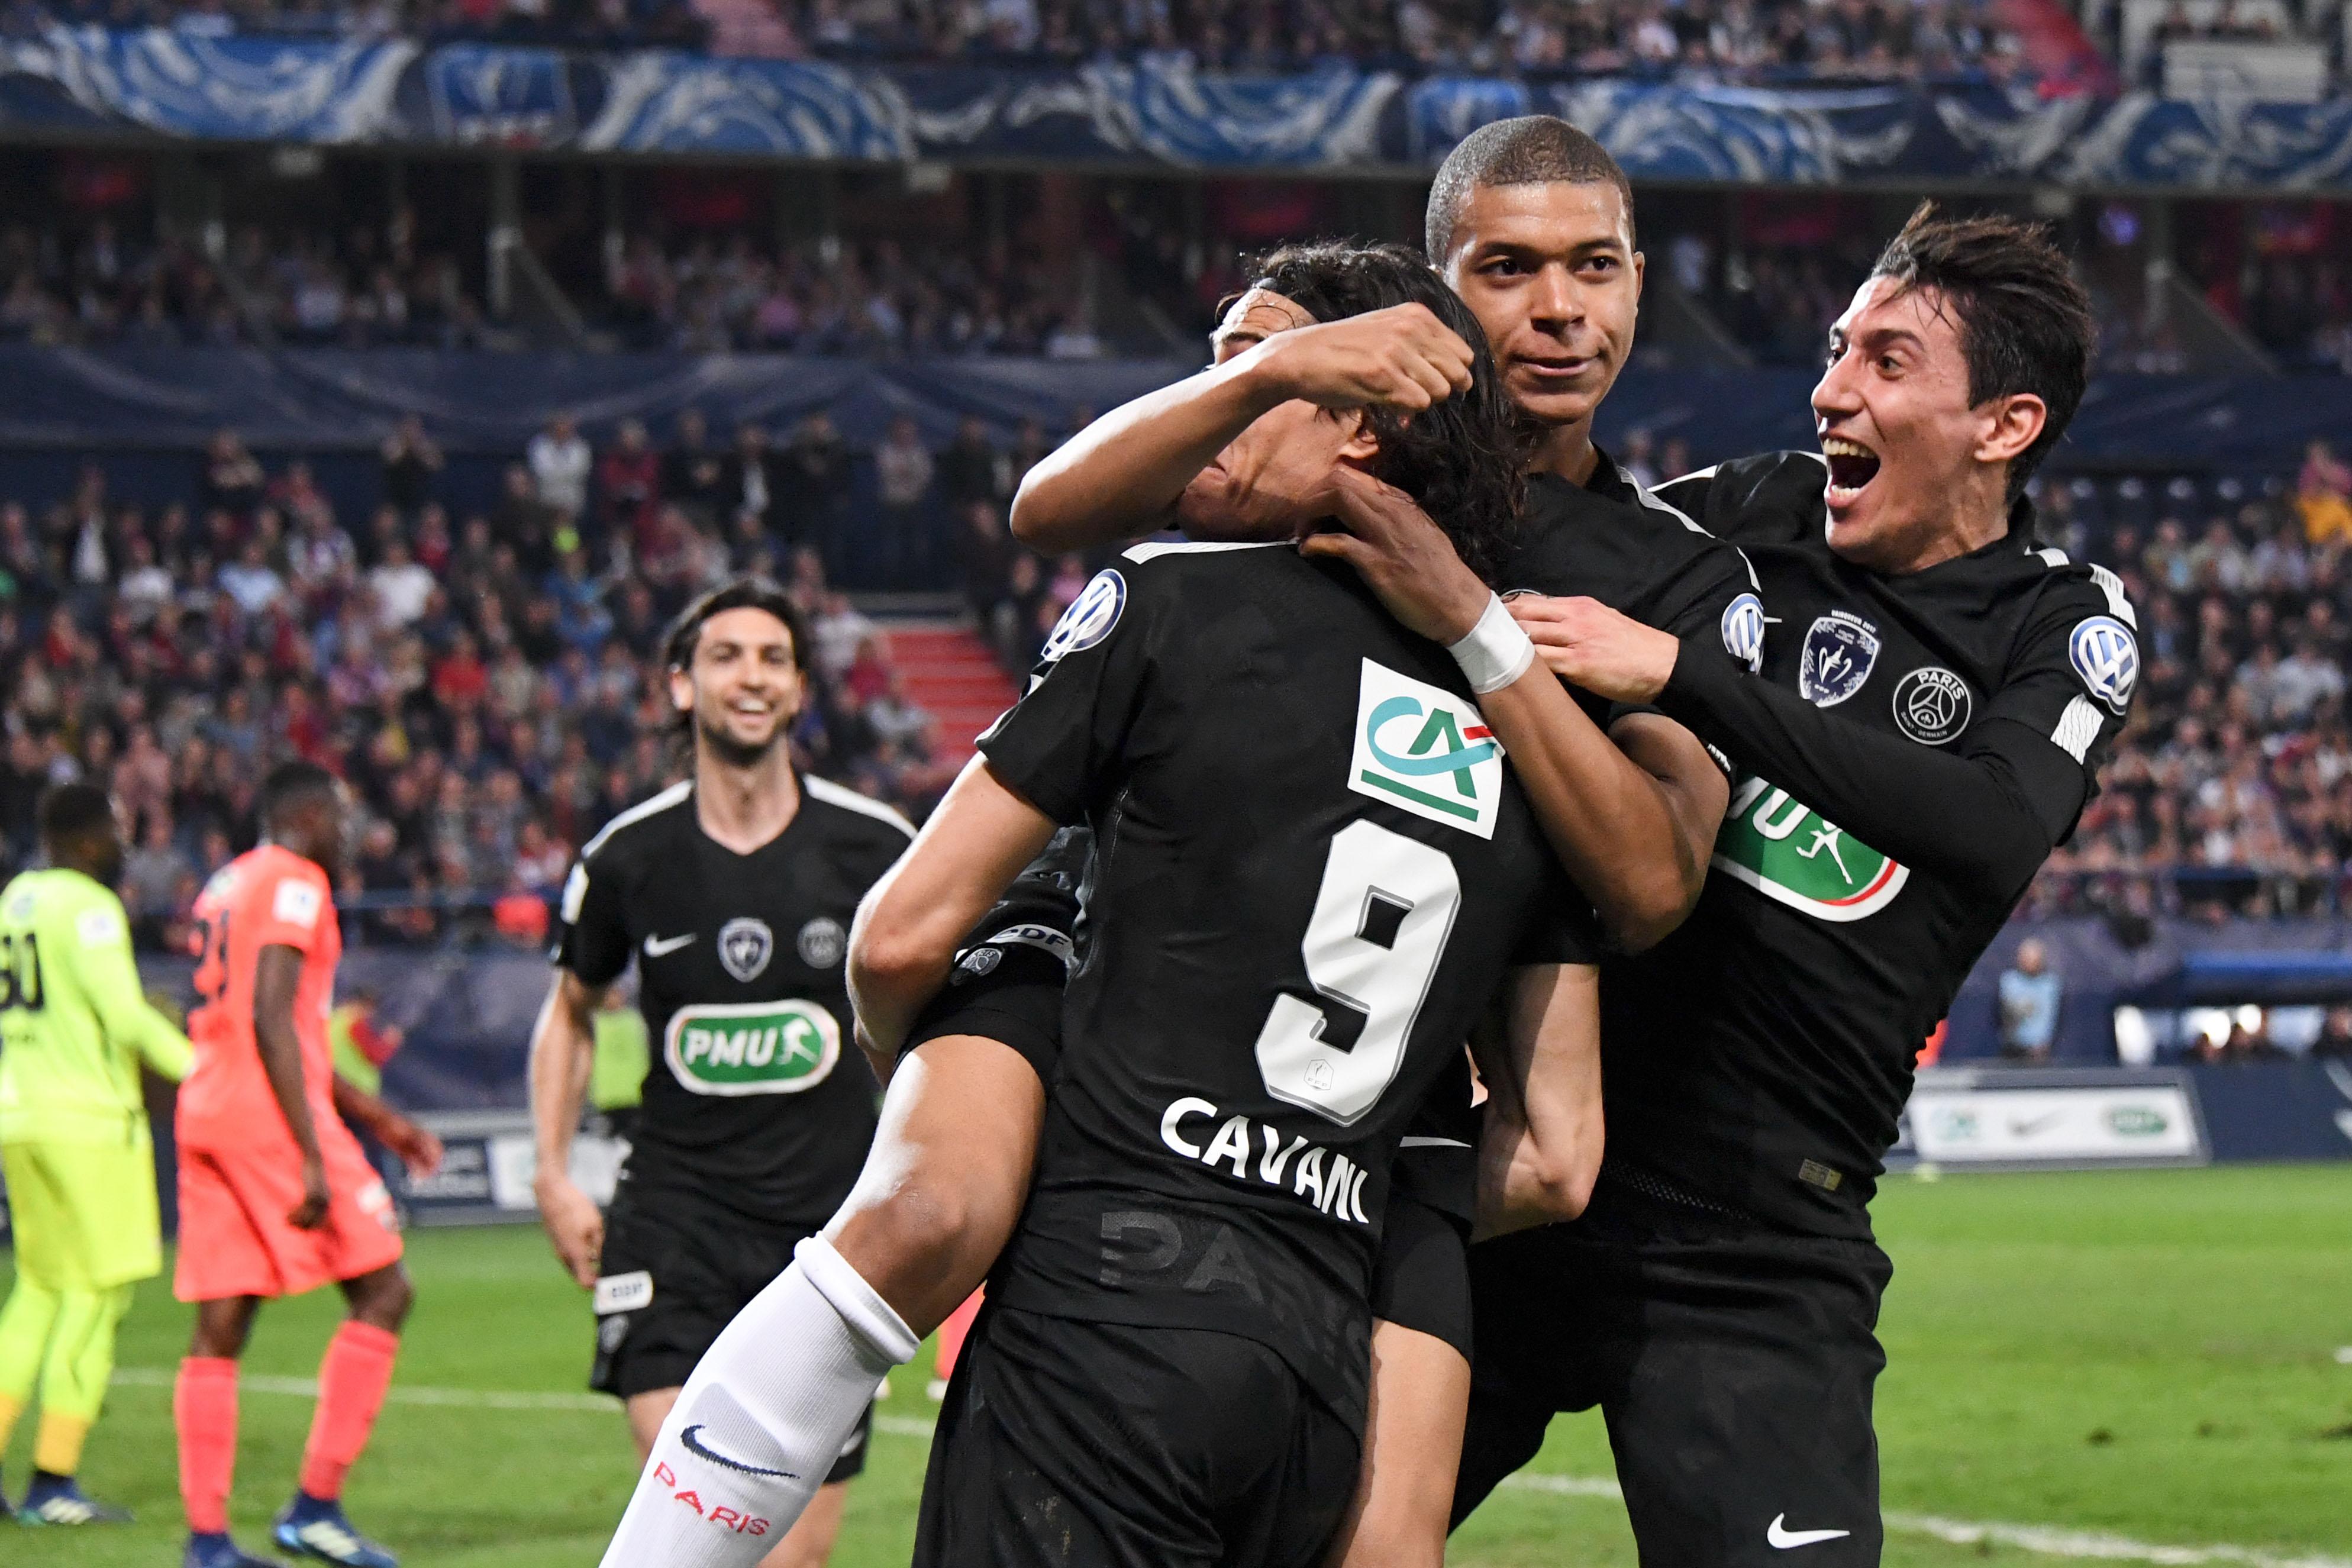 Football - Coupe de France - Caen-PSG : Coups de cœur/Coups de griffe de notre envoyé spécial